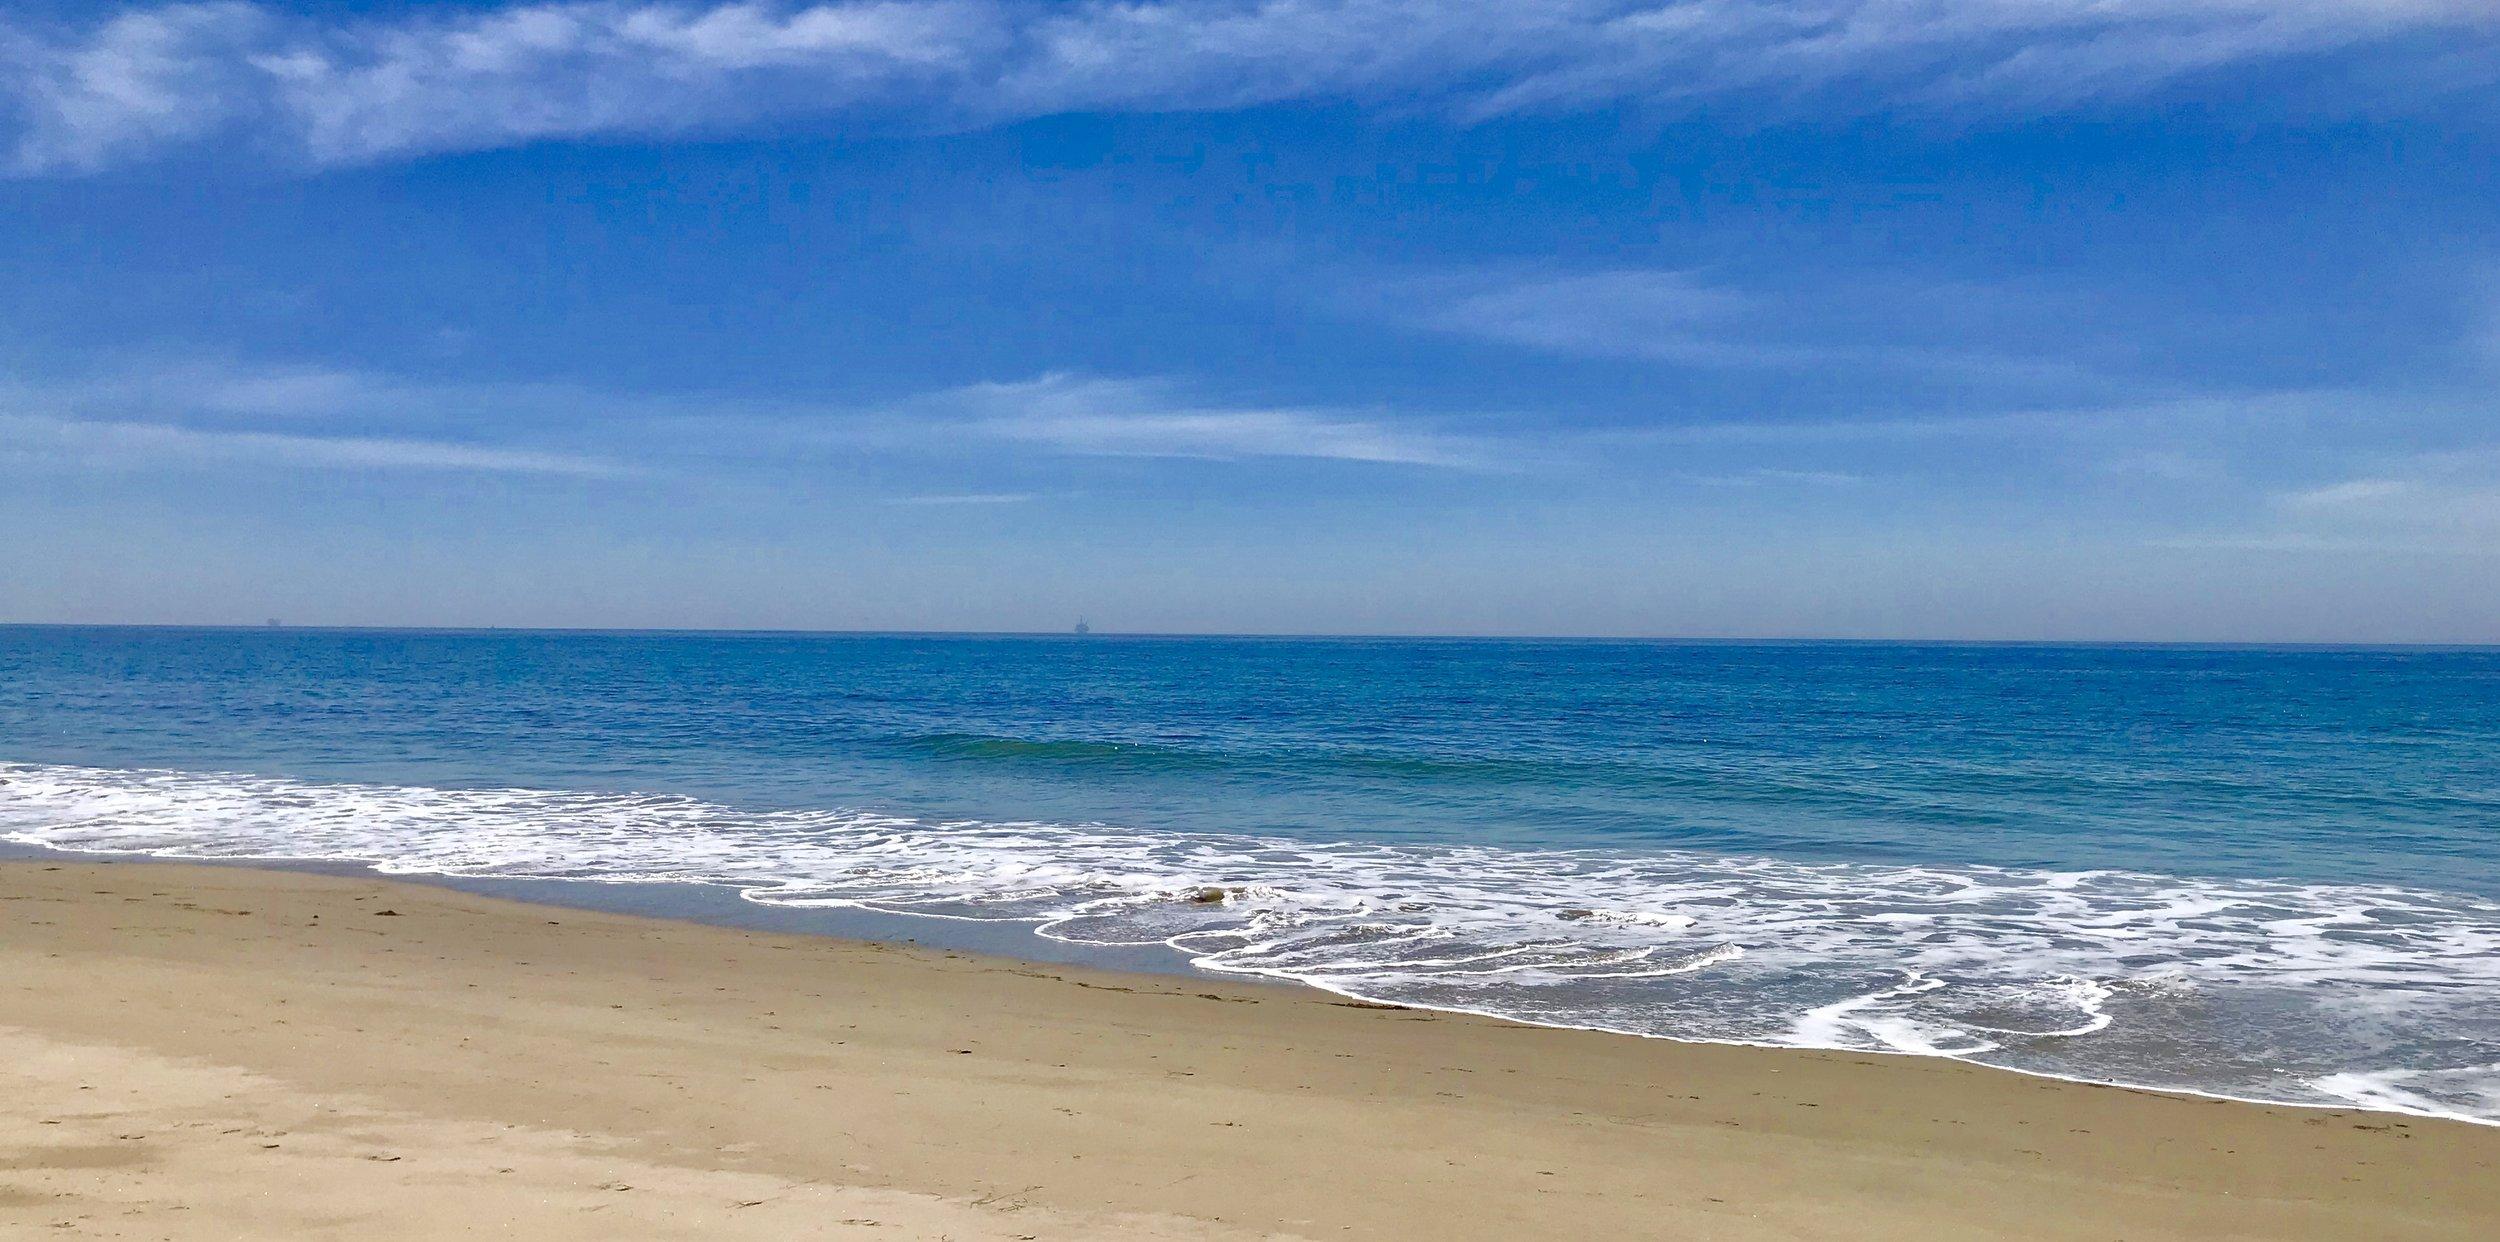 Beach Pic California 2018